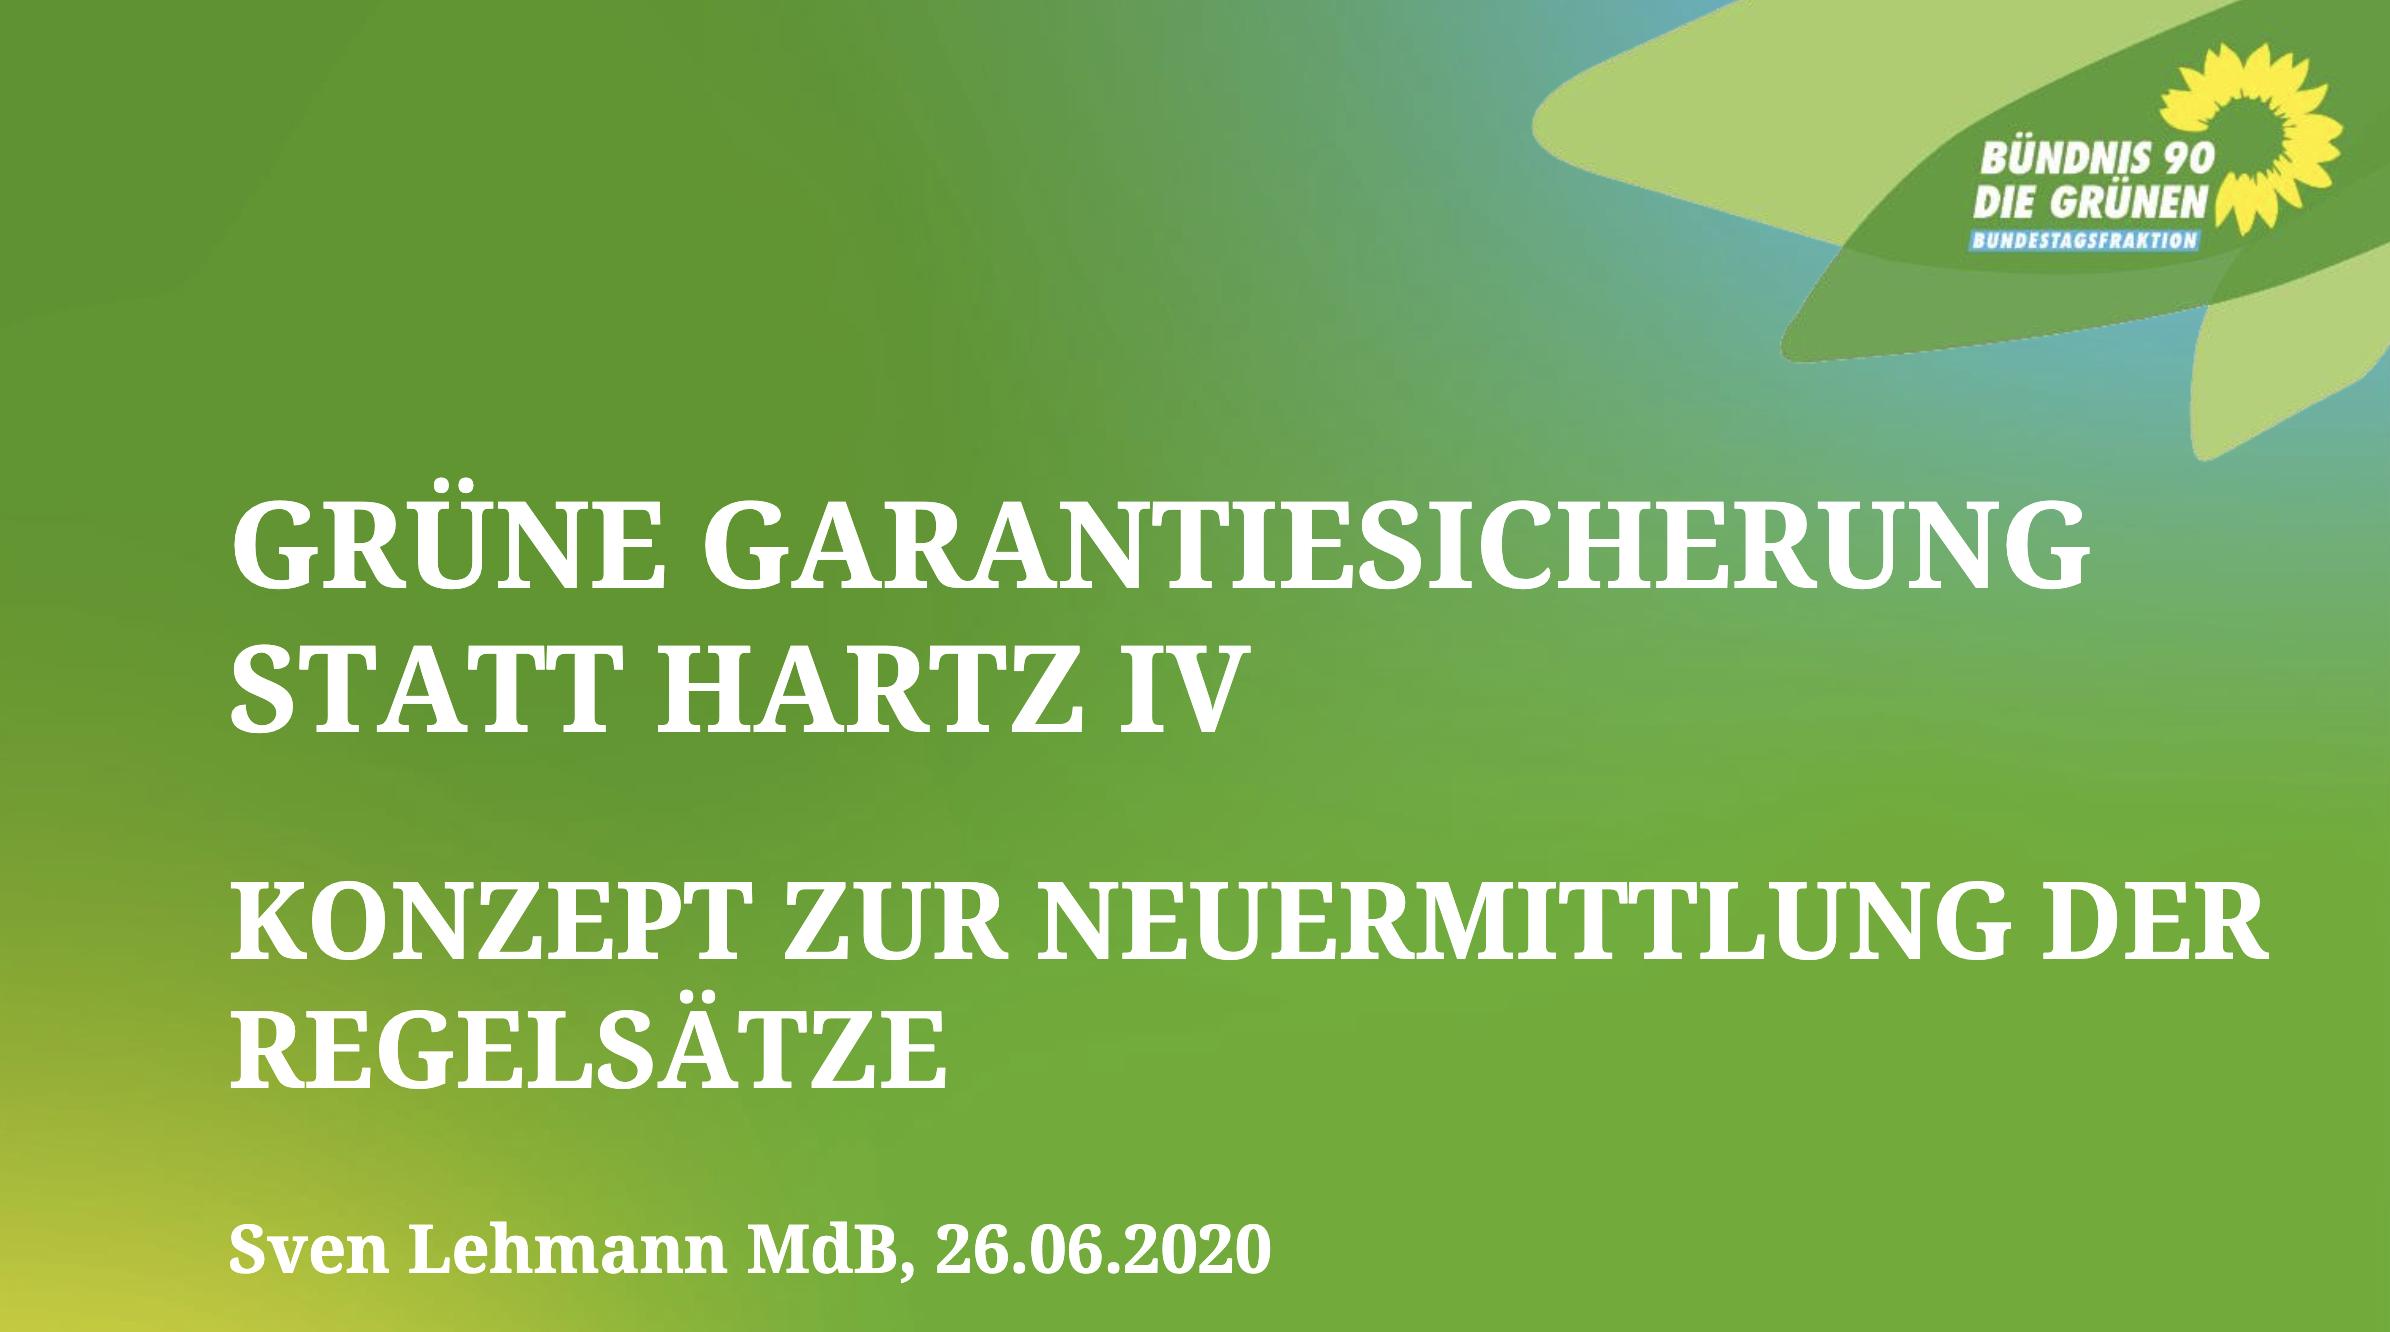 Input Sven Lehmann MdB: Grüne Garantiesicherung